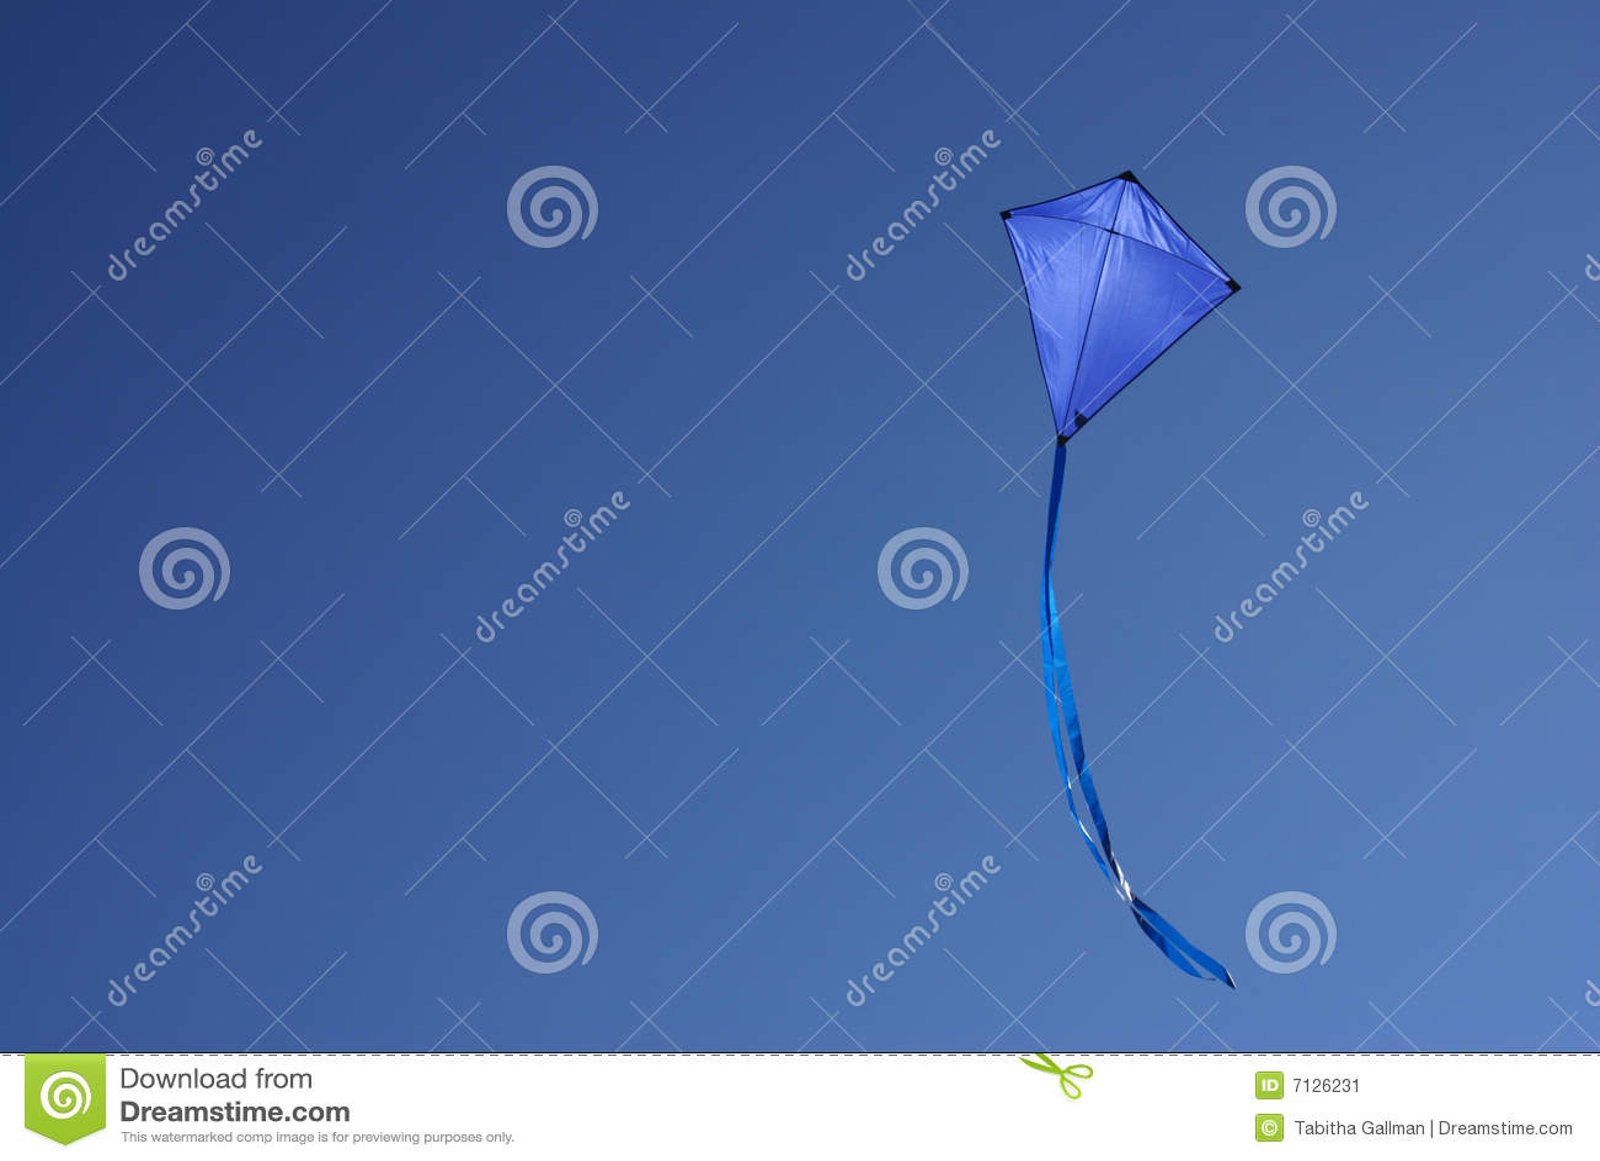 Blauwe Vlieger